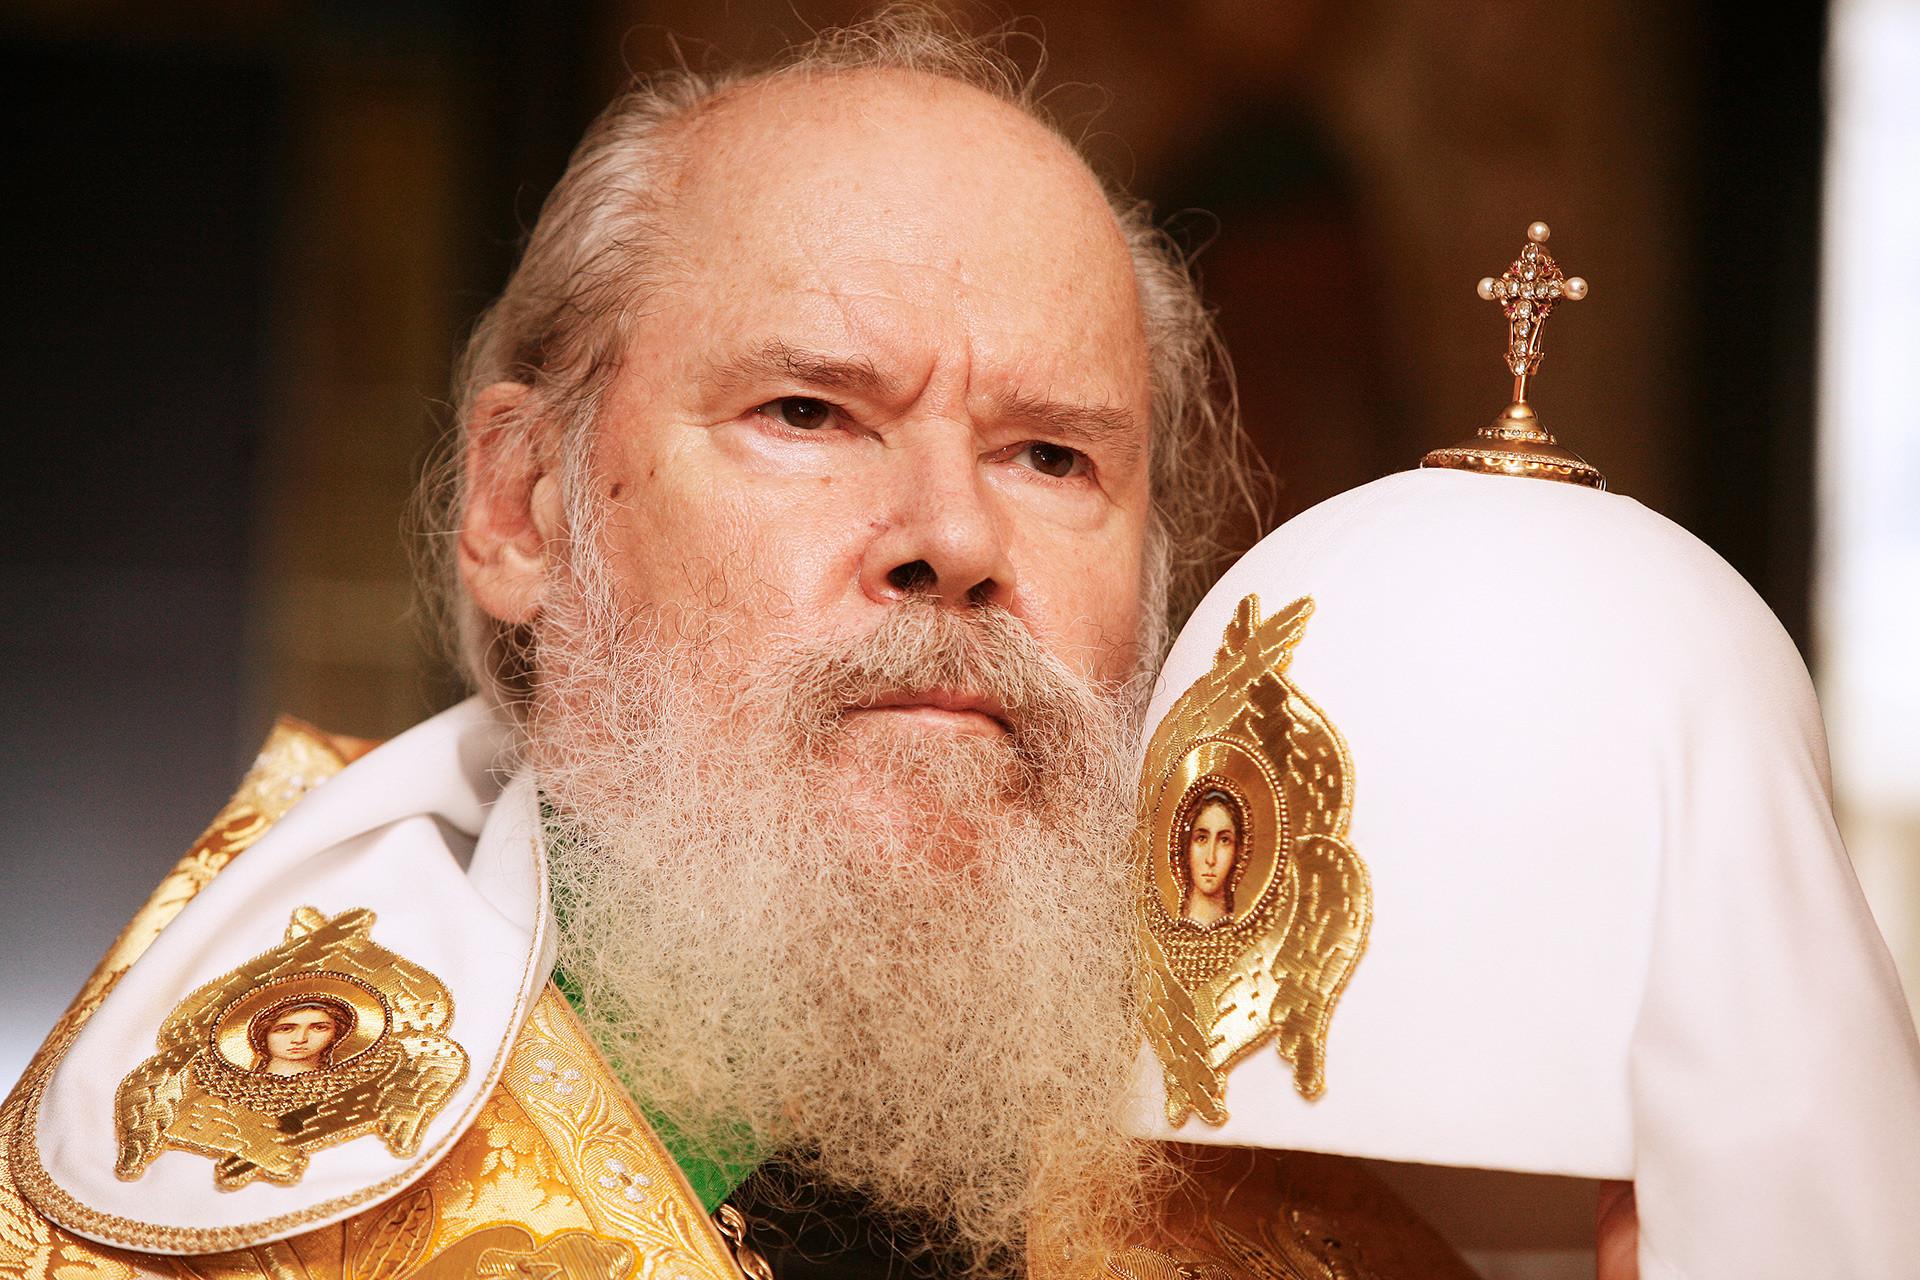 Патријарх Руске православне цркве Алексије II.